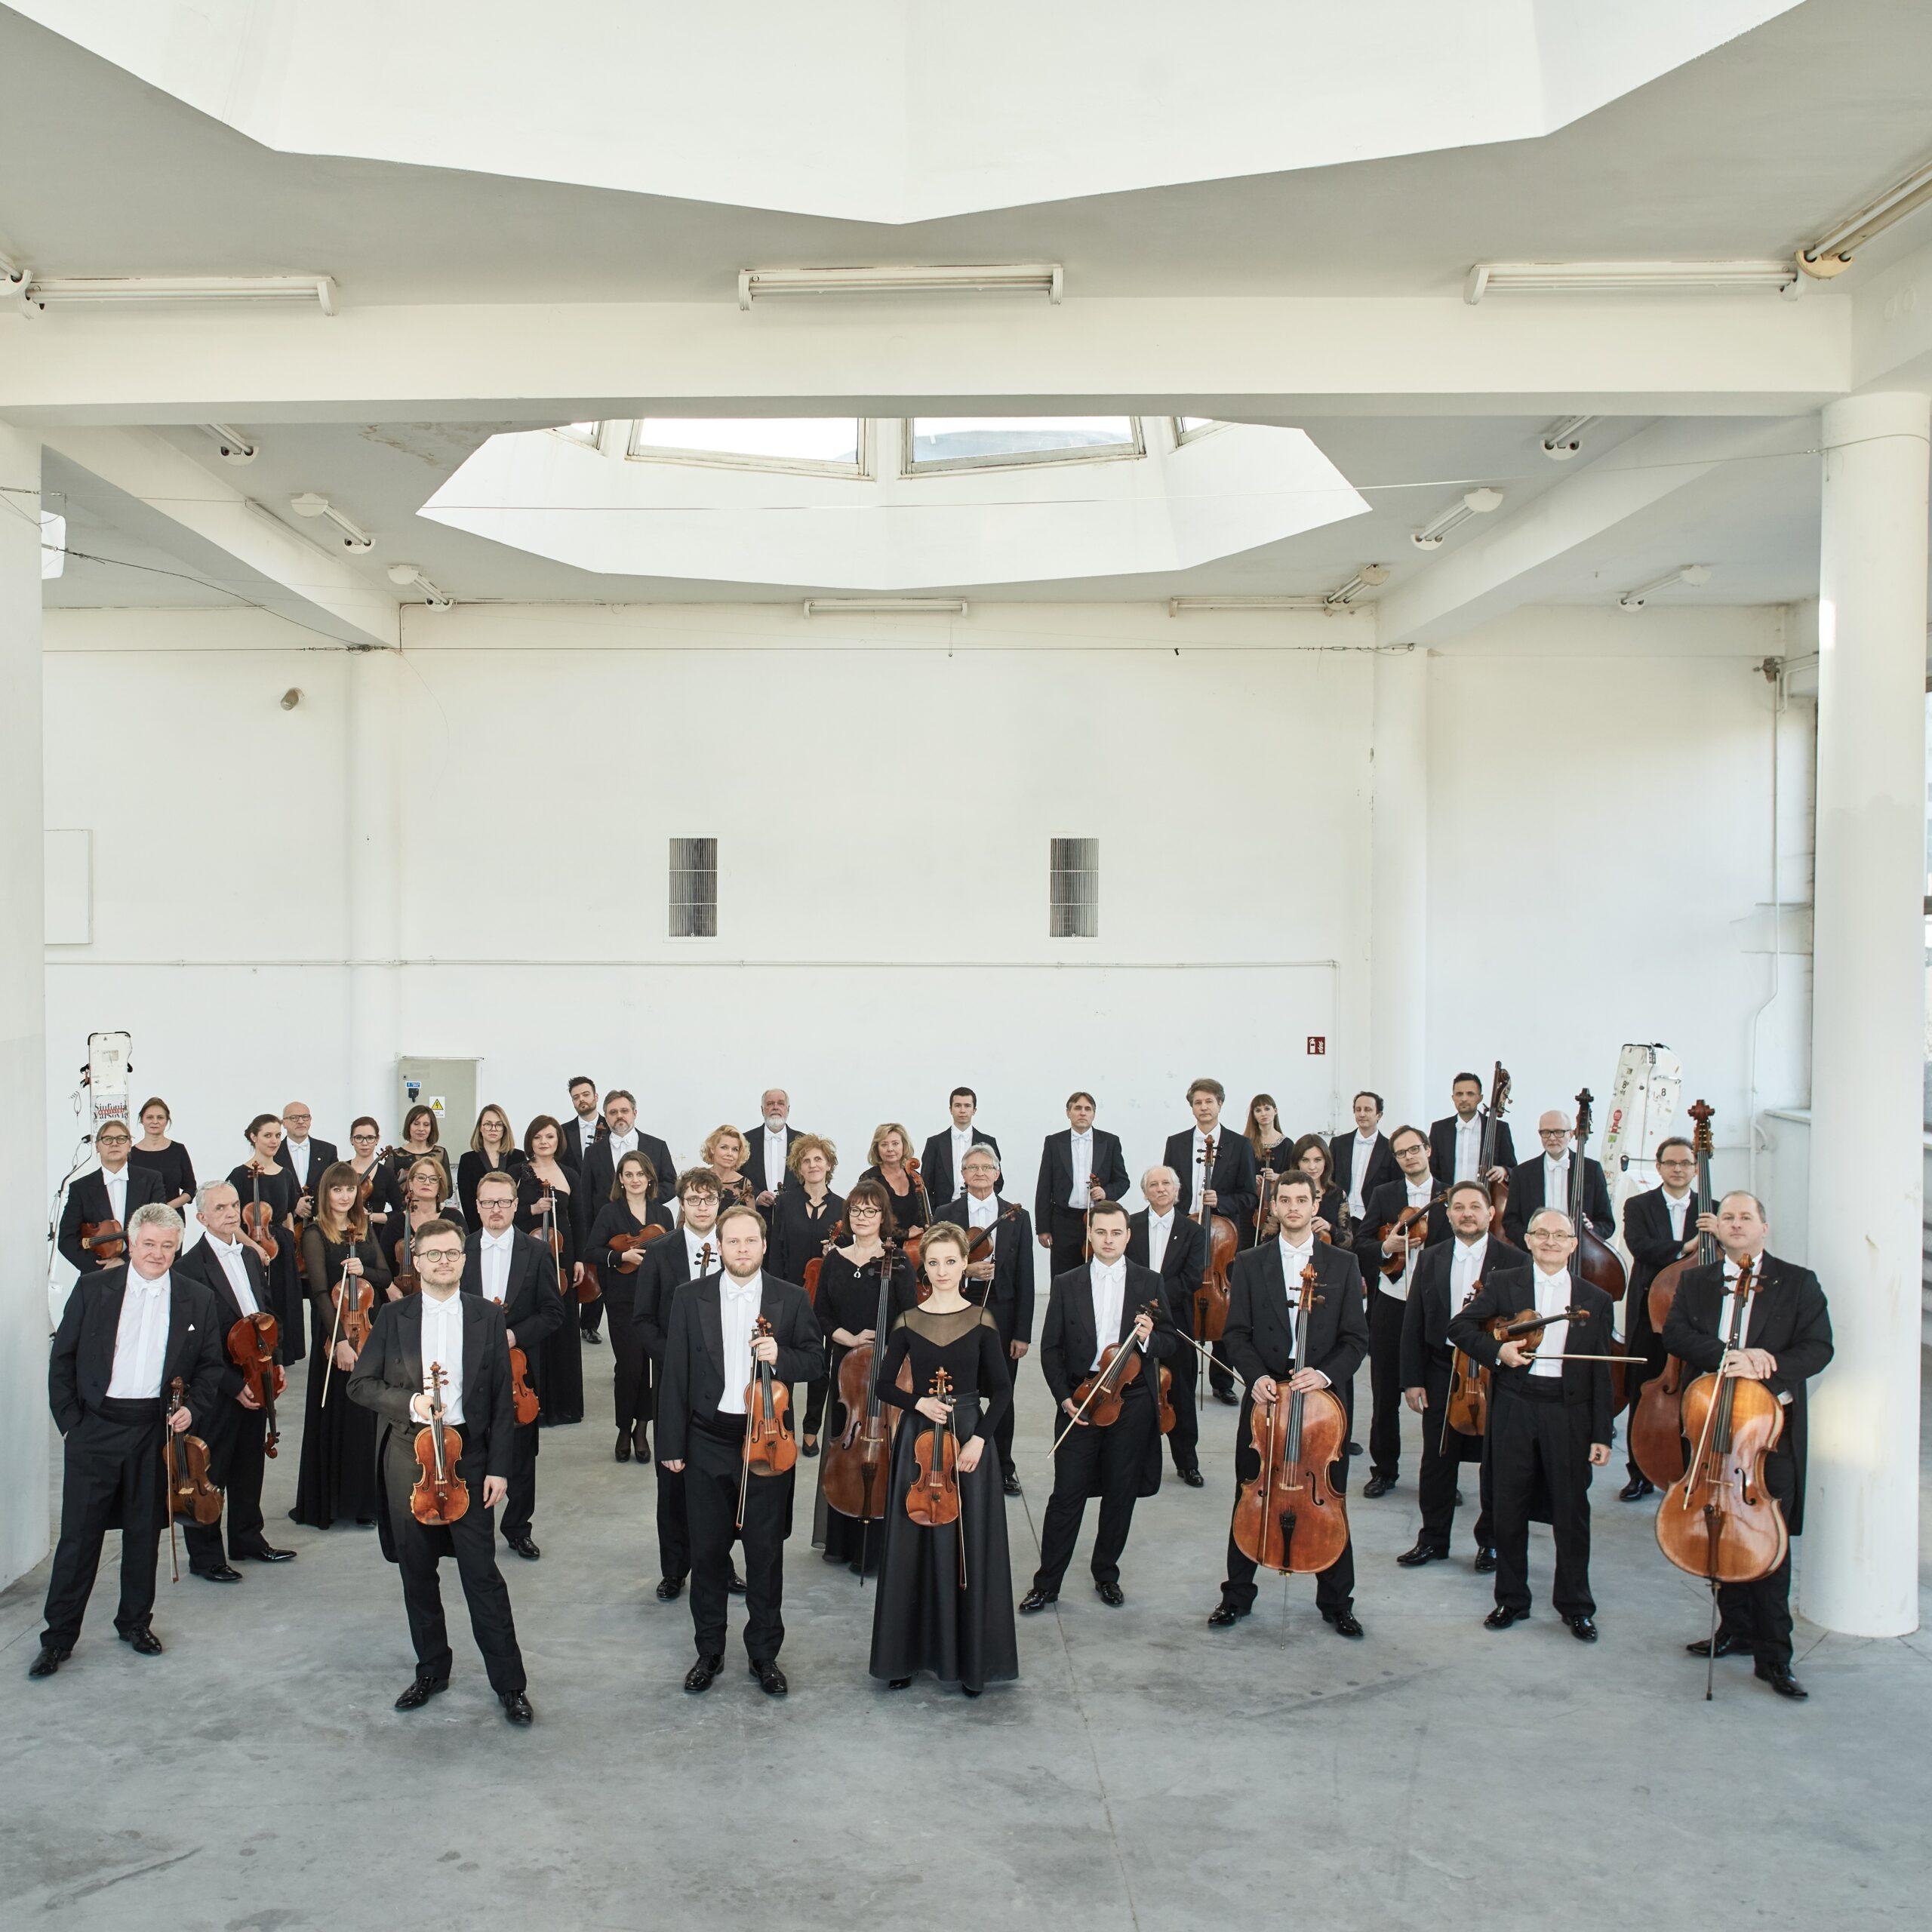 stojący muzycy z instrumentami